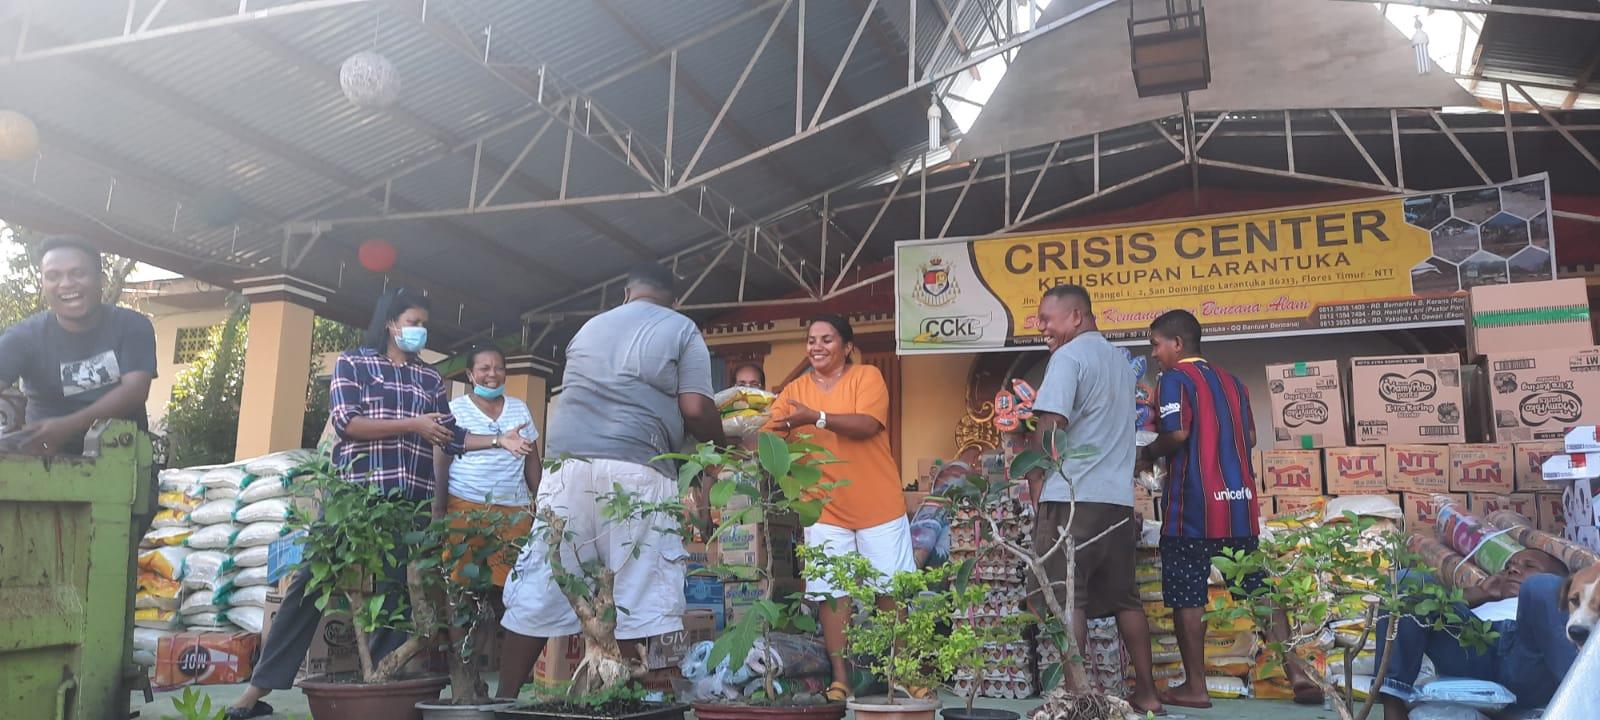 Penyaluran bantuan Caritas dari Larantuka ke Atambua dan Lembata (Foto Caritas Indonesia)